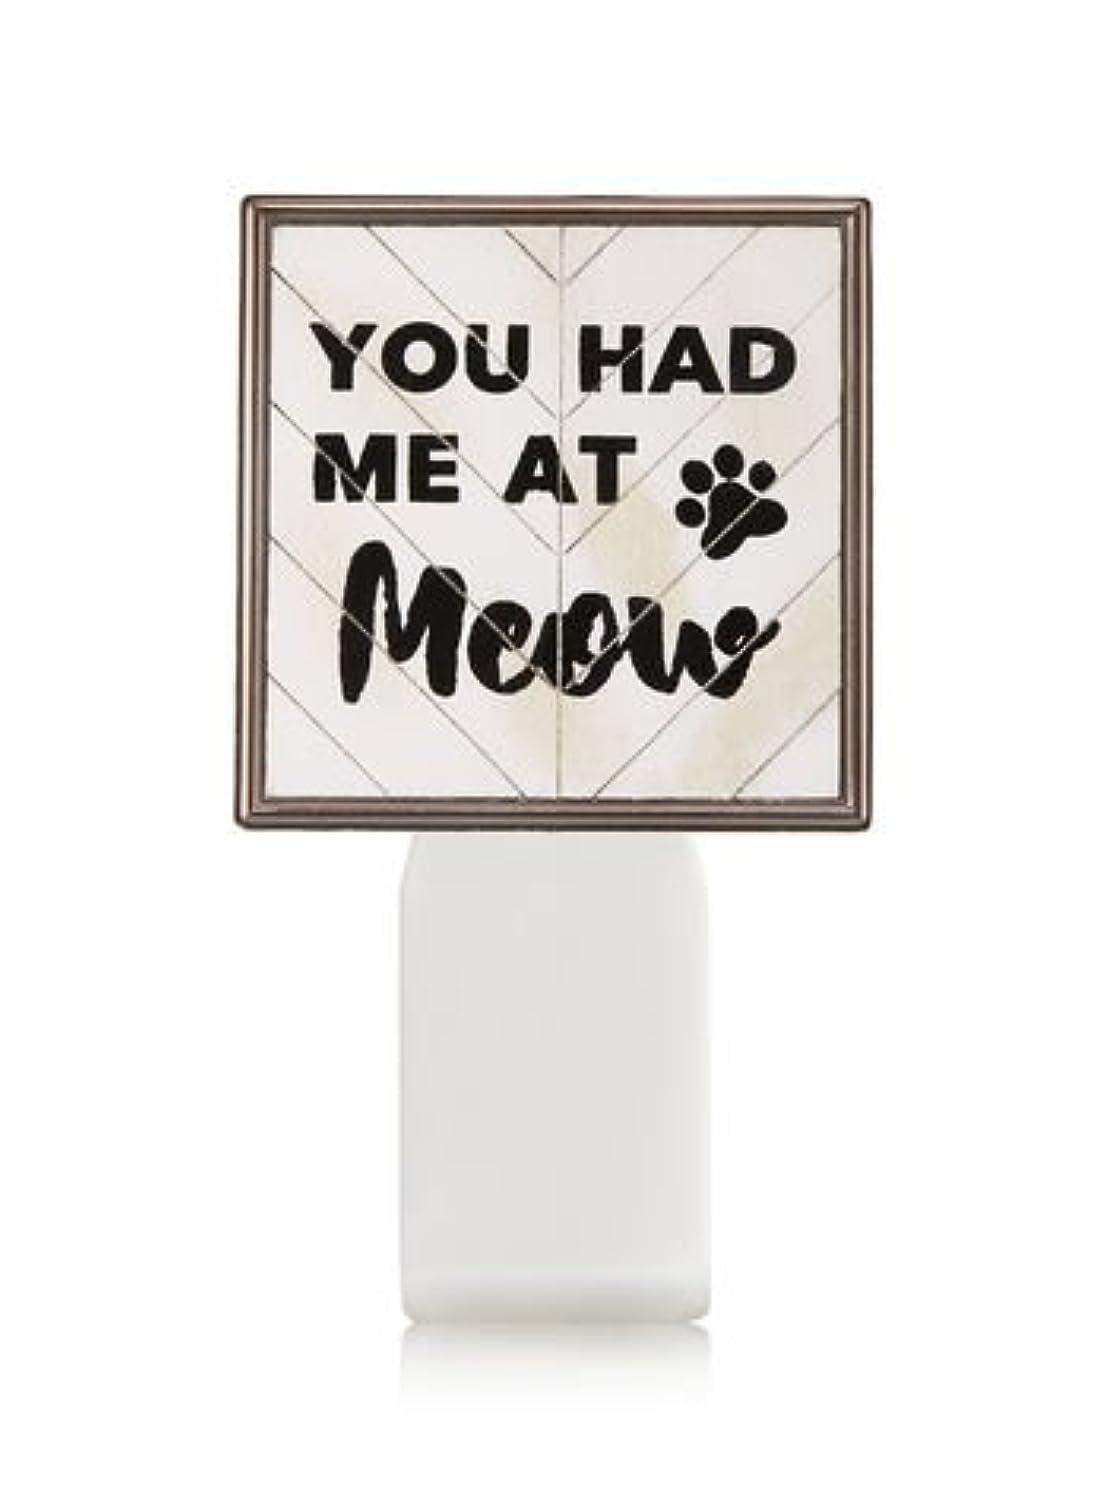 宣伝裕福なコンテンツ【Bath&Body Works/バス&ボディワークス】 ルームフレグランス プラグインスターター (本体のみ) キャット シールド Wallflowers Fragrance Plug You Had Me At Meow...